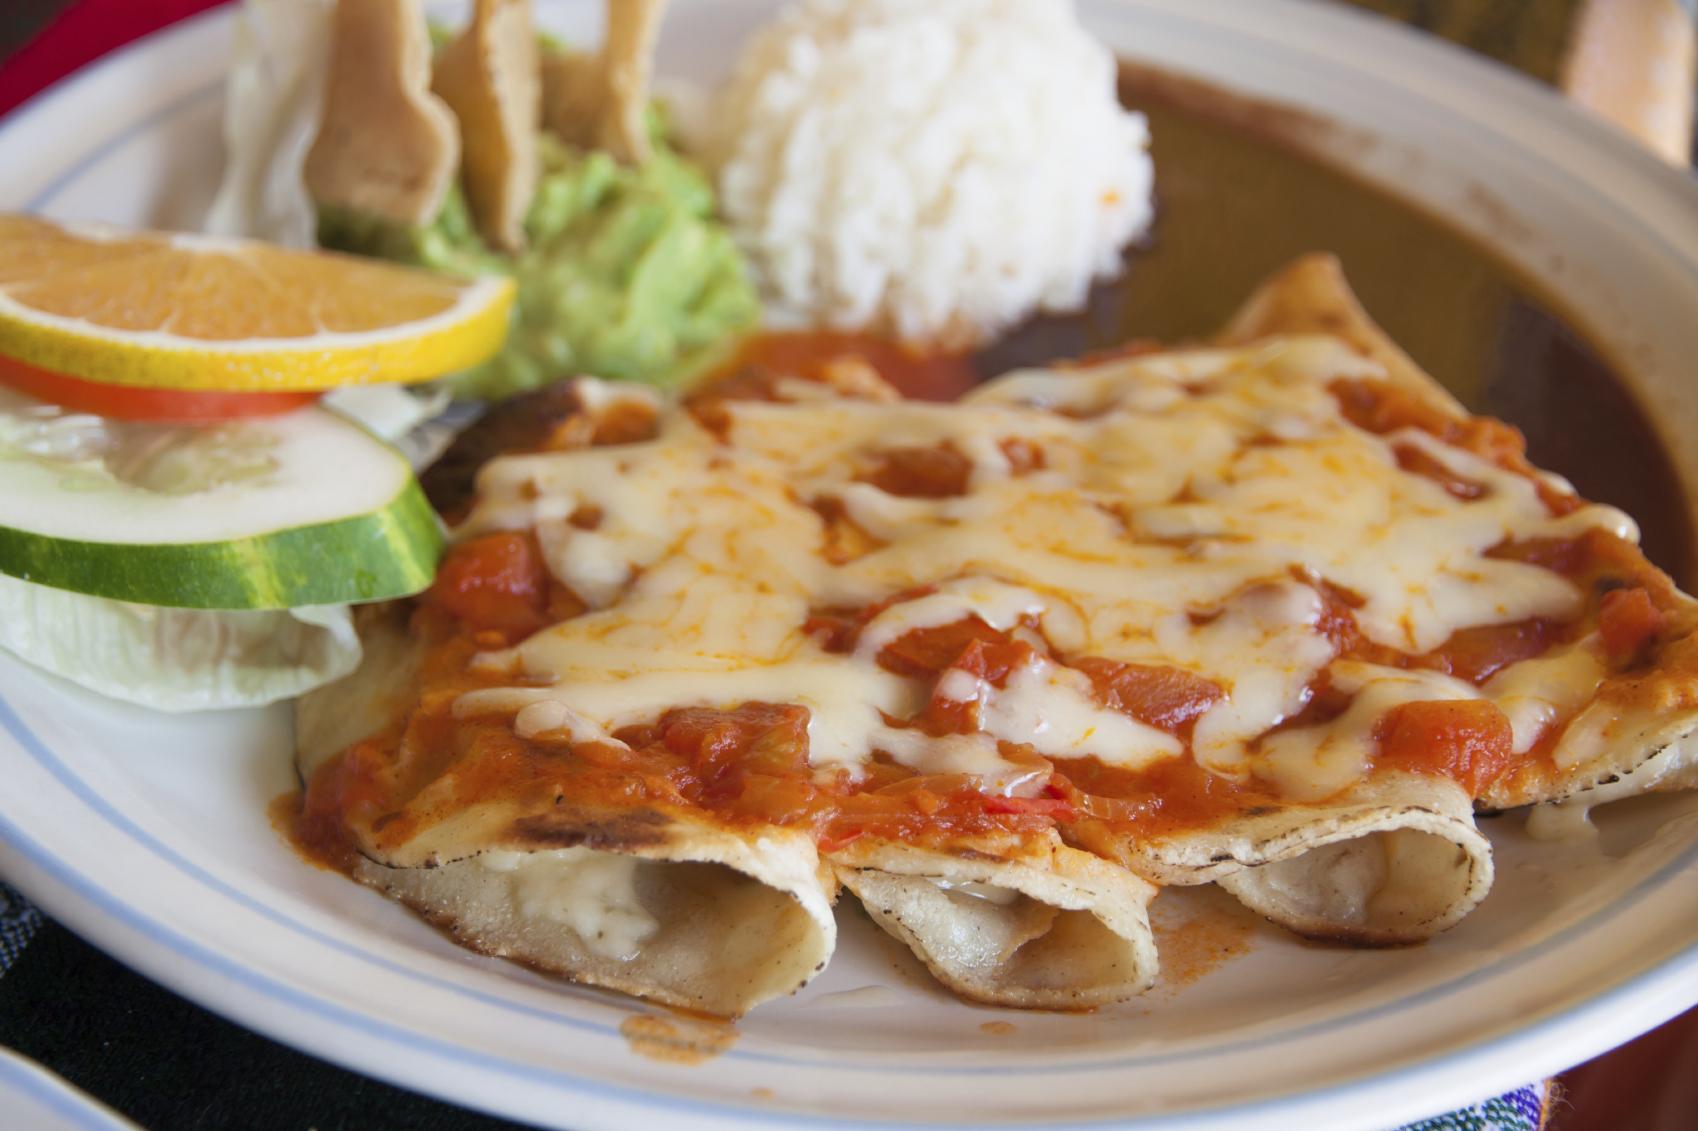 Tacos laguneros con salsa de queso